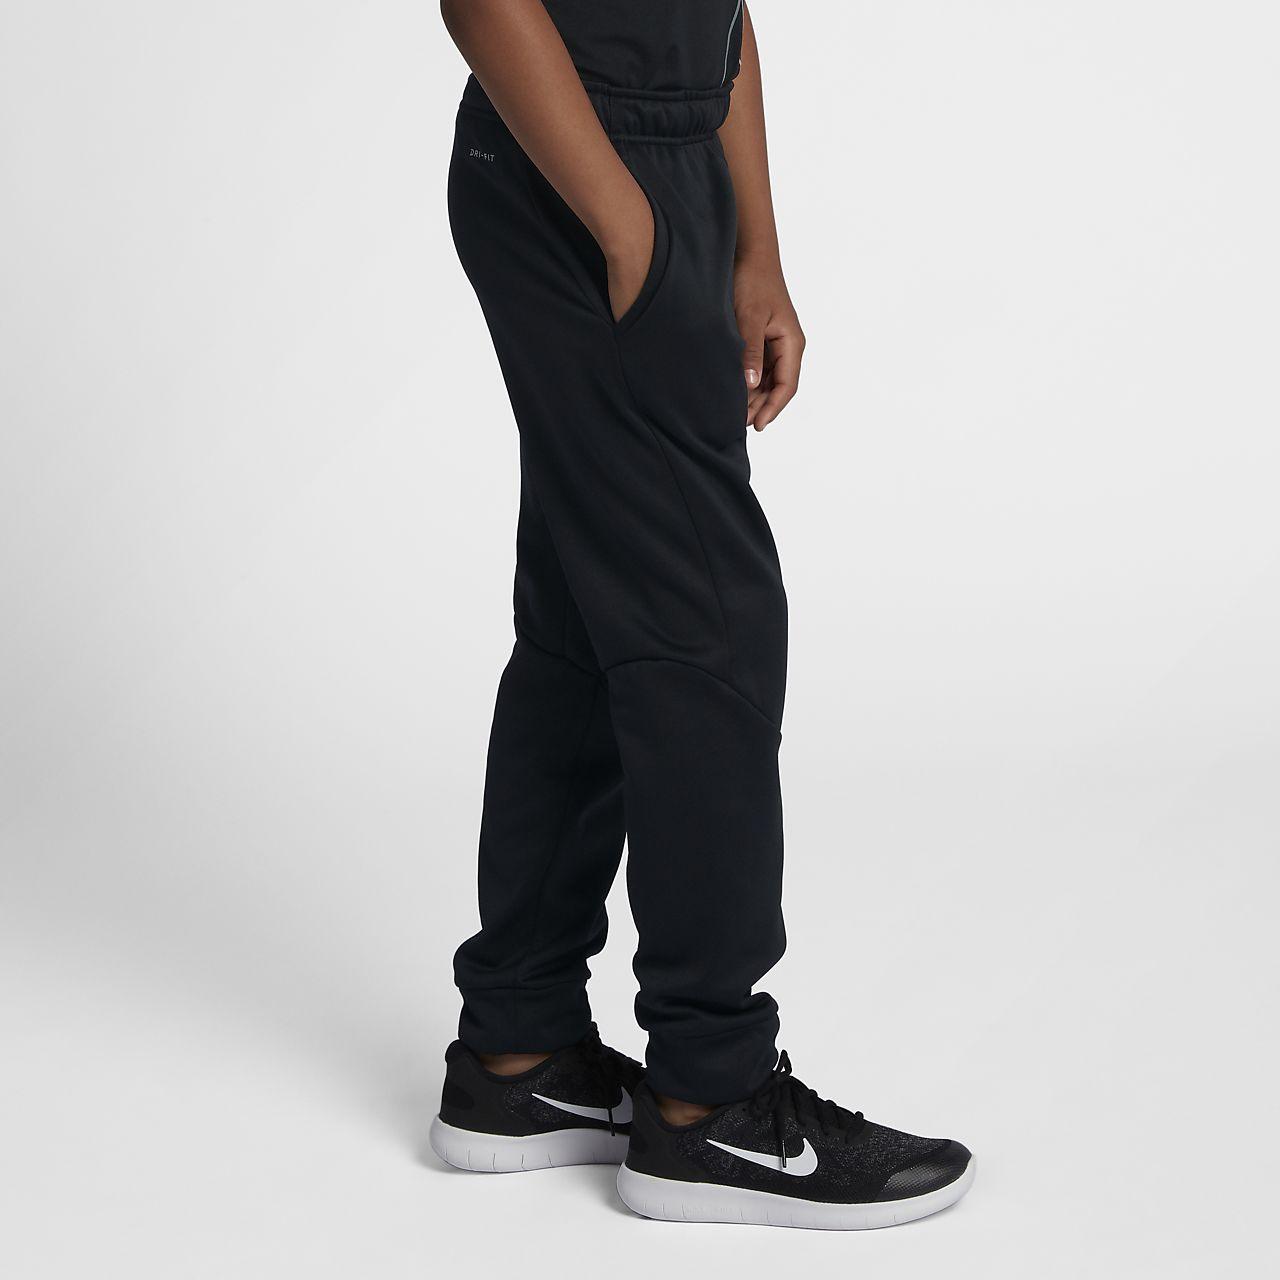 e349ad147d813 Nike Dri-FIT Therma Big Kids' (Boys') Training Pants. Nike.com